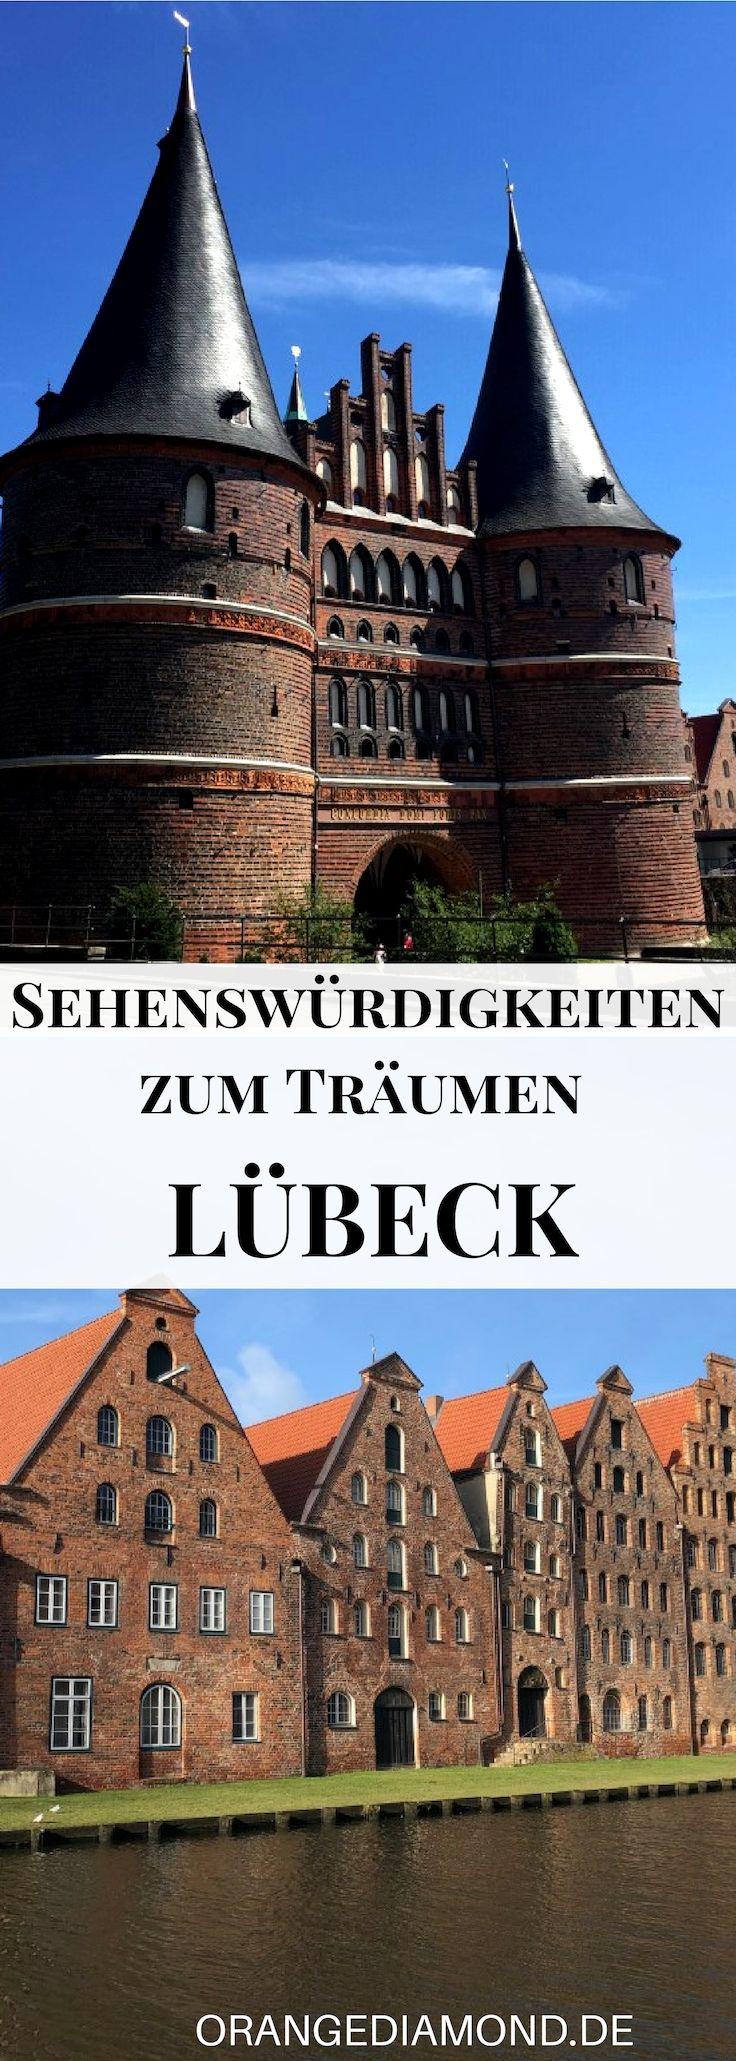 Entdecke Die Schonste Stadt Lubeck In Schleswig Holstein An Einem Tag Die Besten Tipps Und Sehendwurdigkeiten Fur Eine Urlaub In Deutschland Reisen Reiseziele